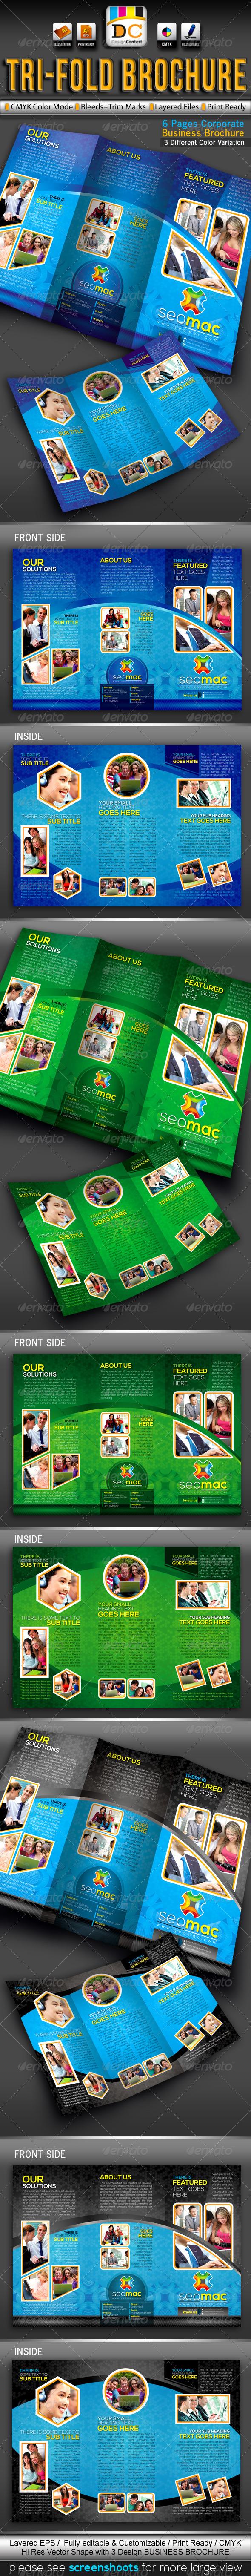 SeoMac Tri-fold Corporate Business Brochure - Corporate Brochures